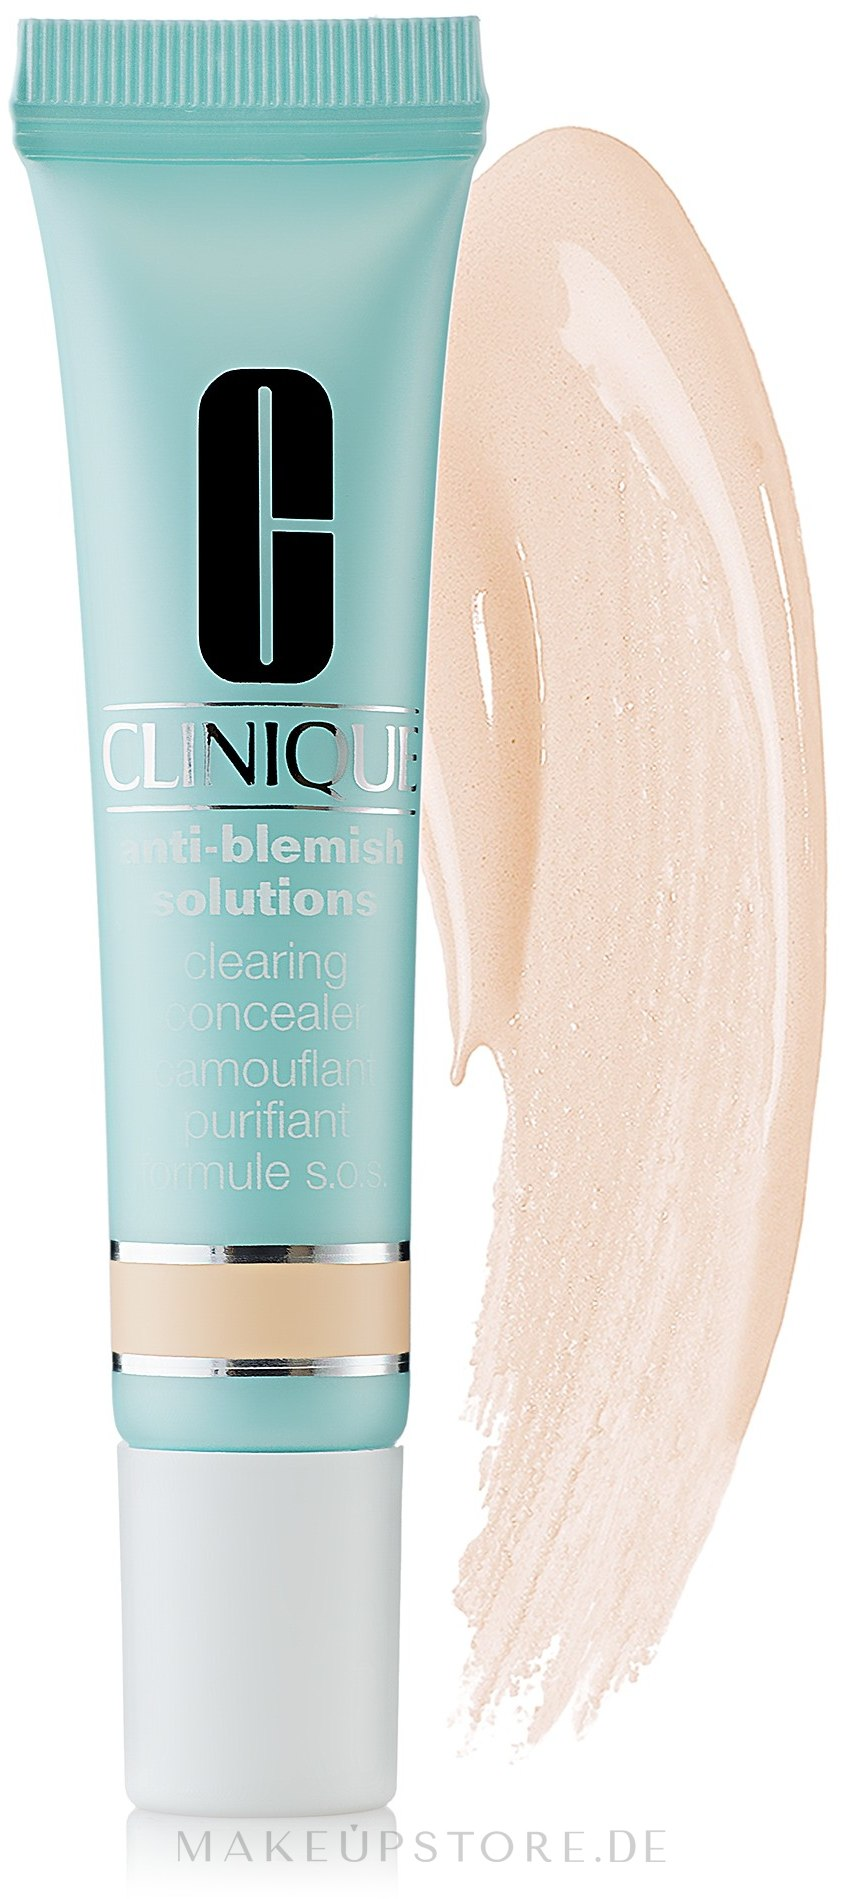 Klärender Concealer gegen Hautunreinheiten - Clinique Anti-Blemish Solutions Clearing Concealer — Bild 01 - Ivory